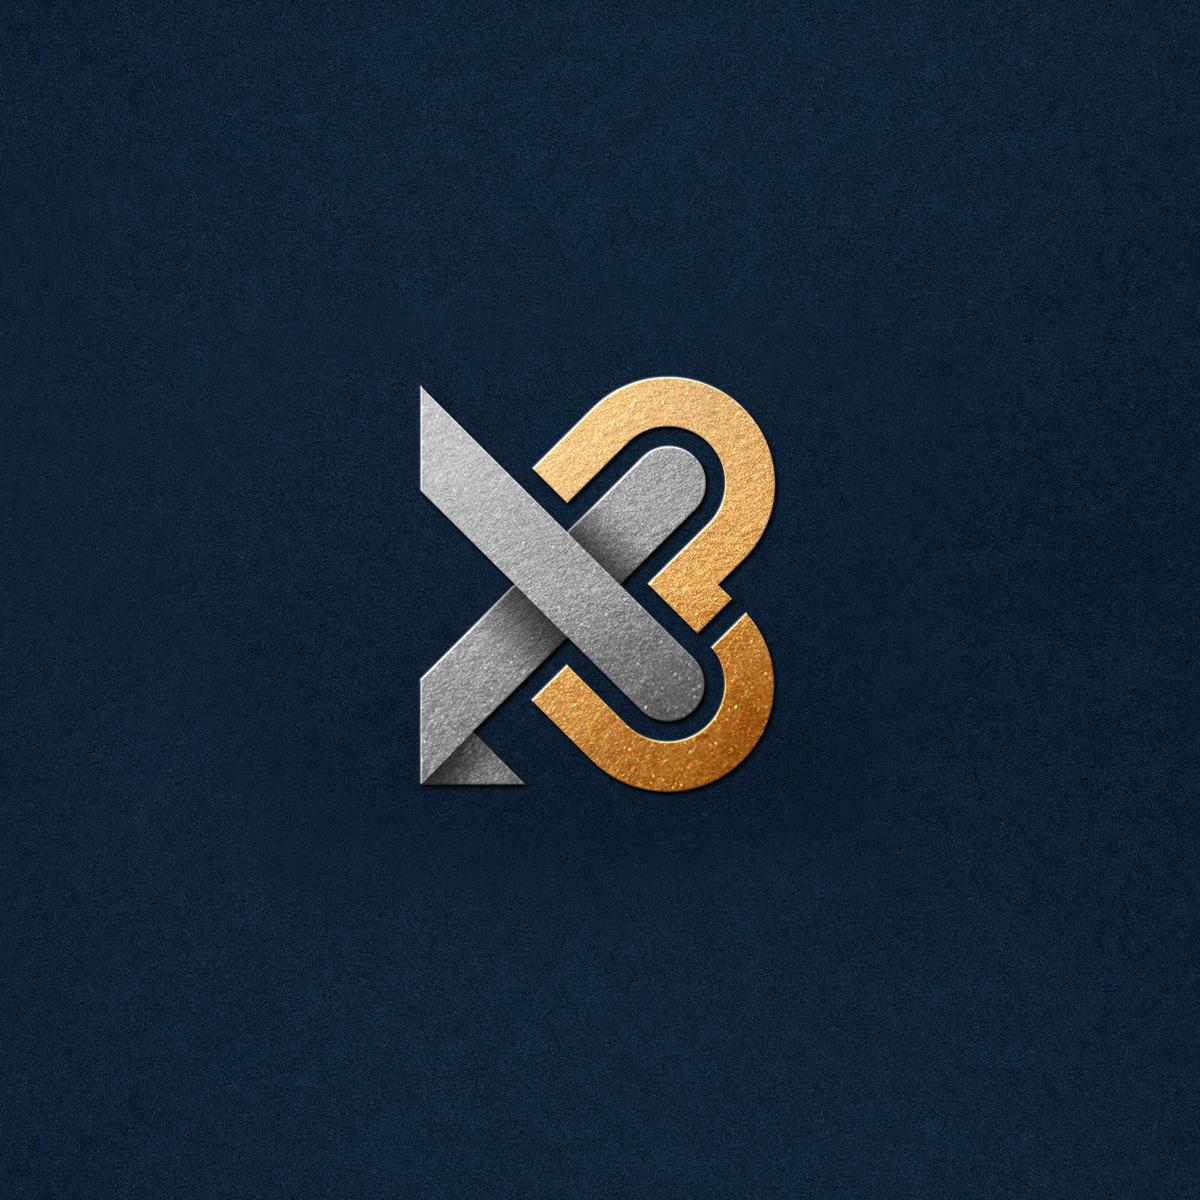 realizzazione logo X3 Terni grafica Terni logo Terni realizzazione logo Terni creazione logo Terni